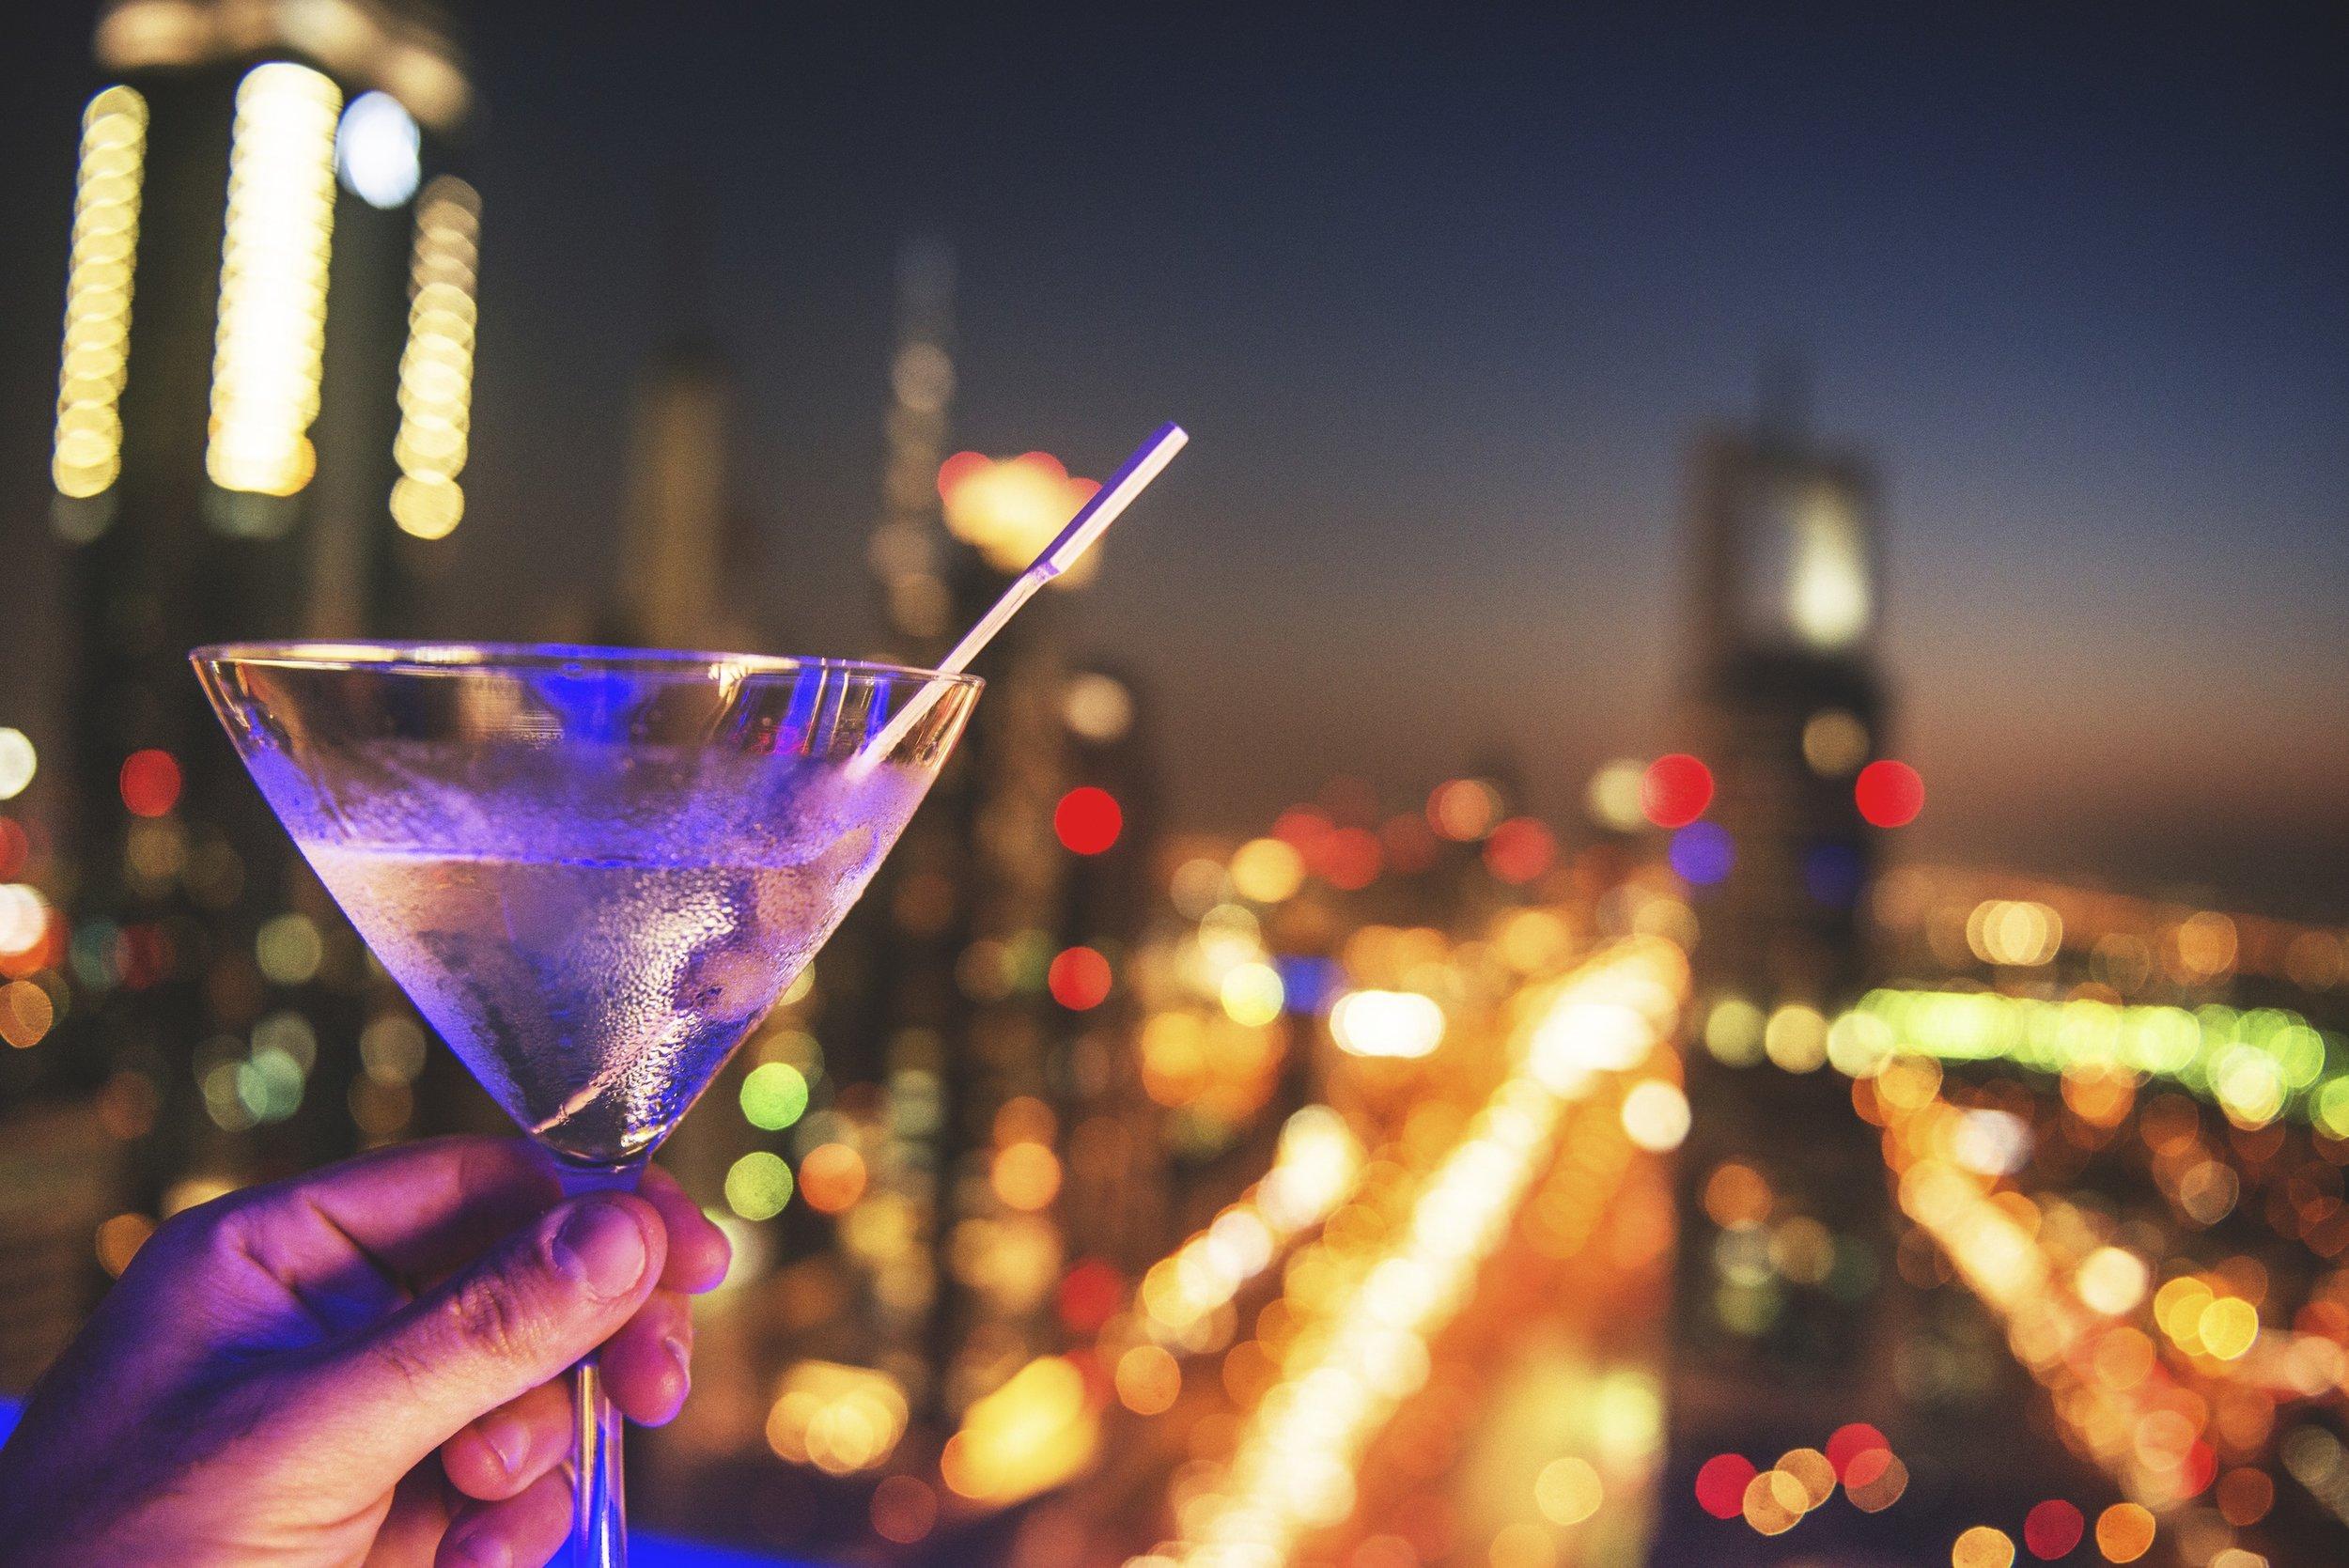 nightlife - lounge / bar / club